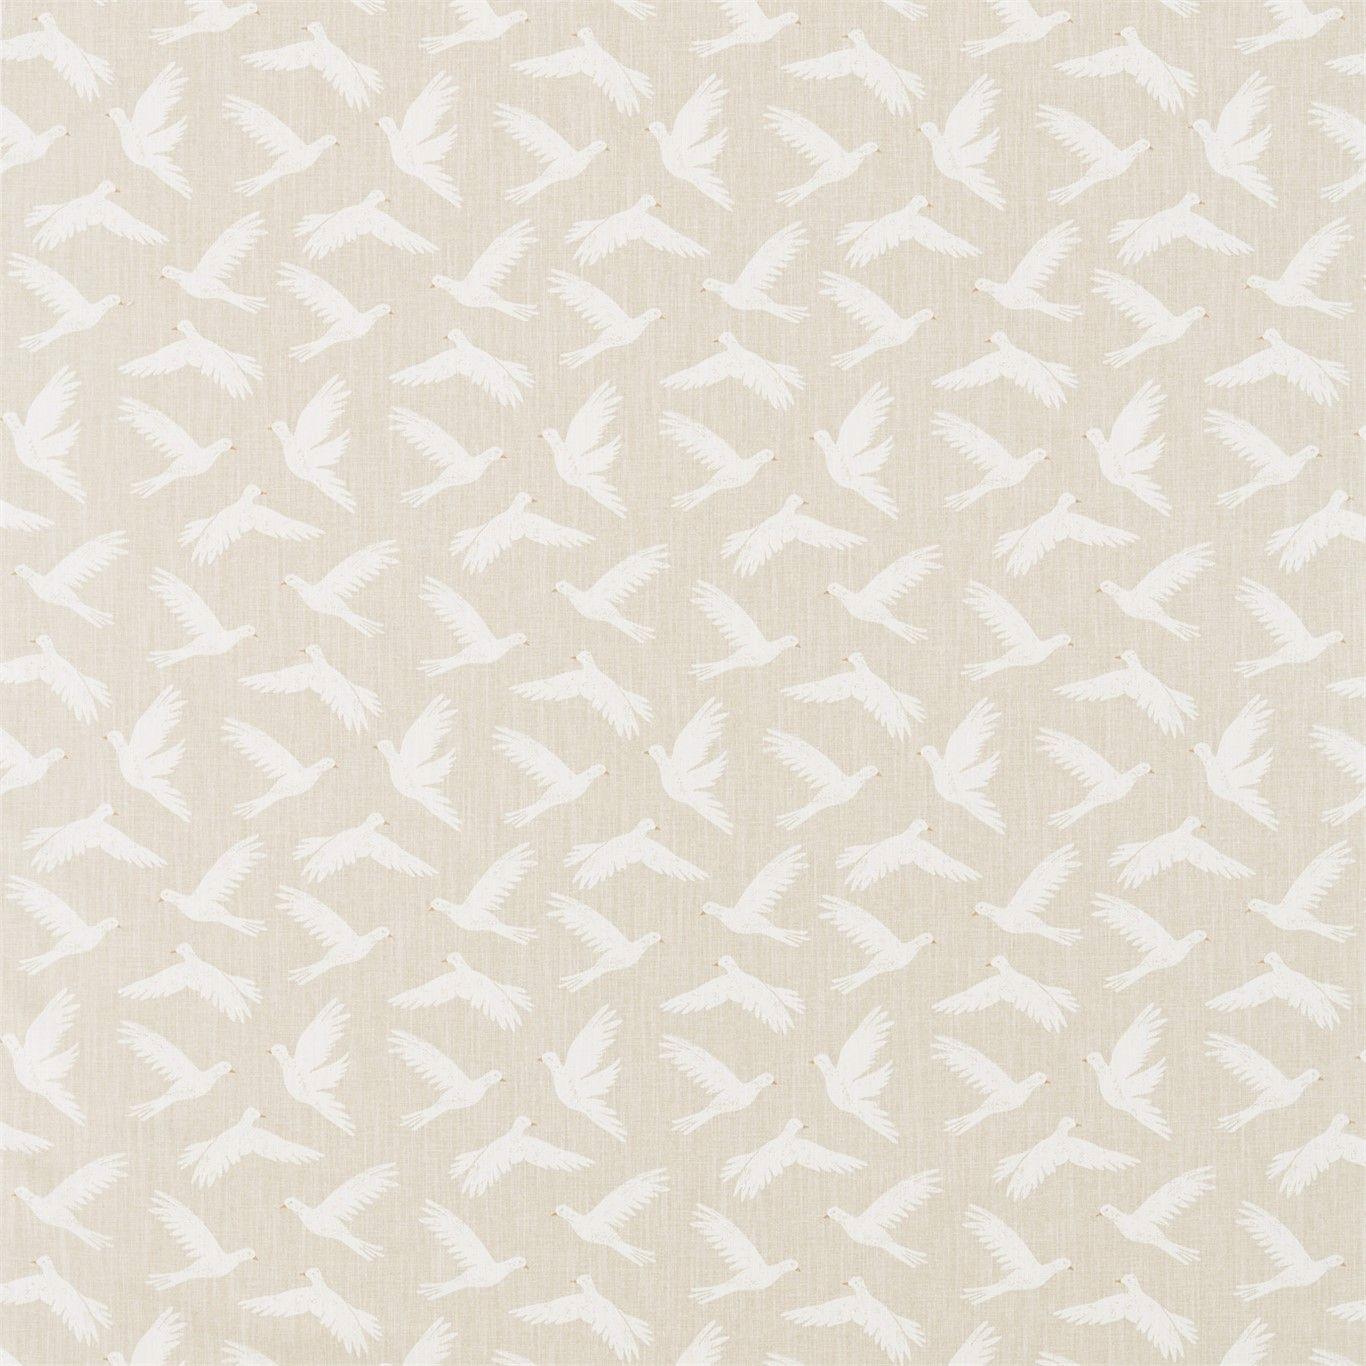 Paper Doves - Linen